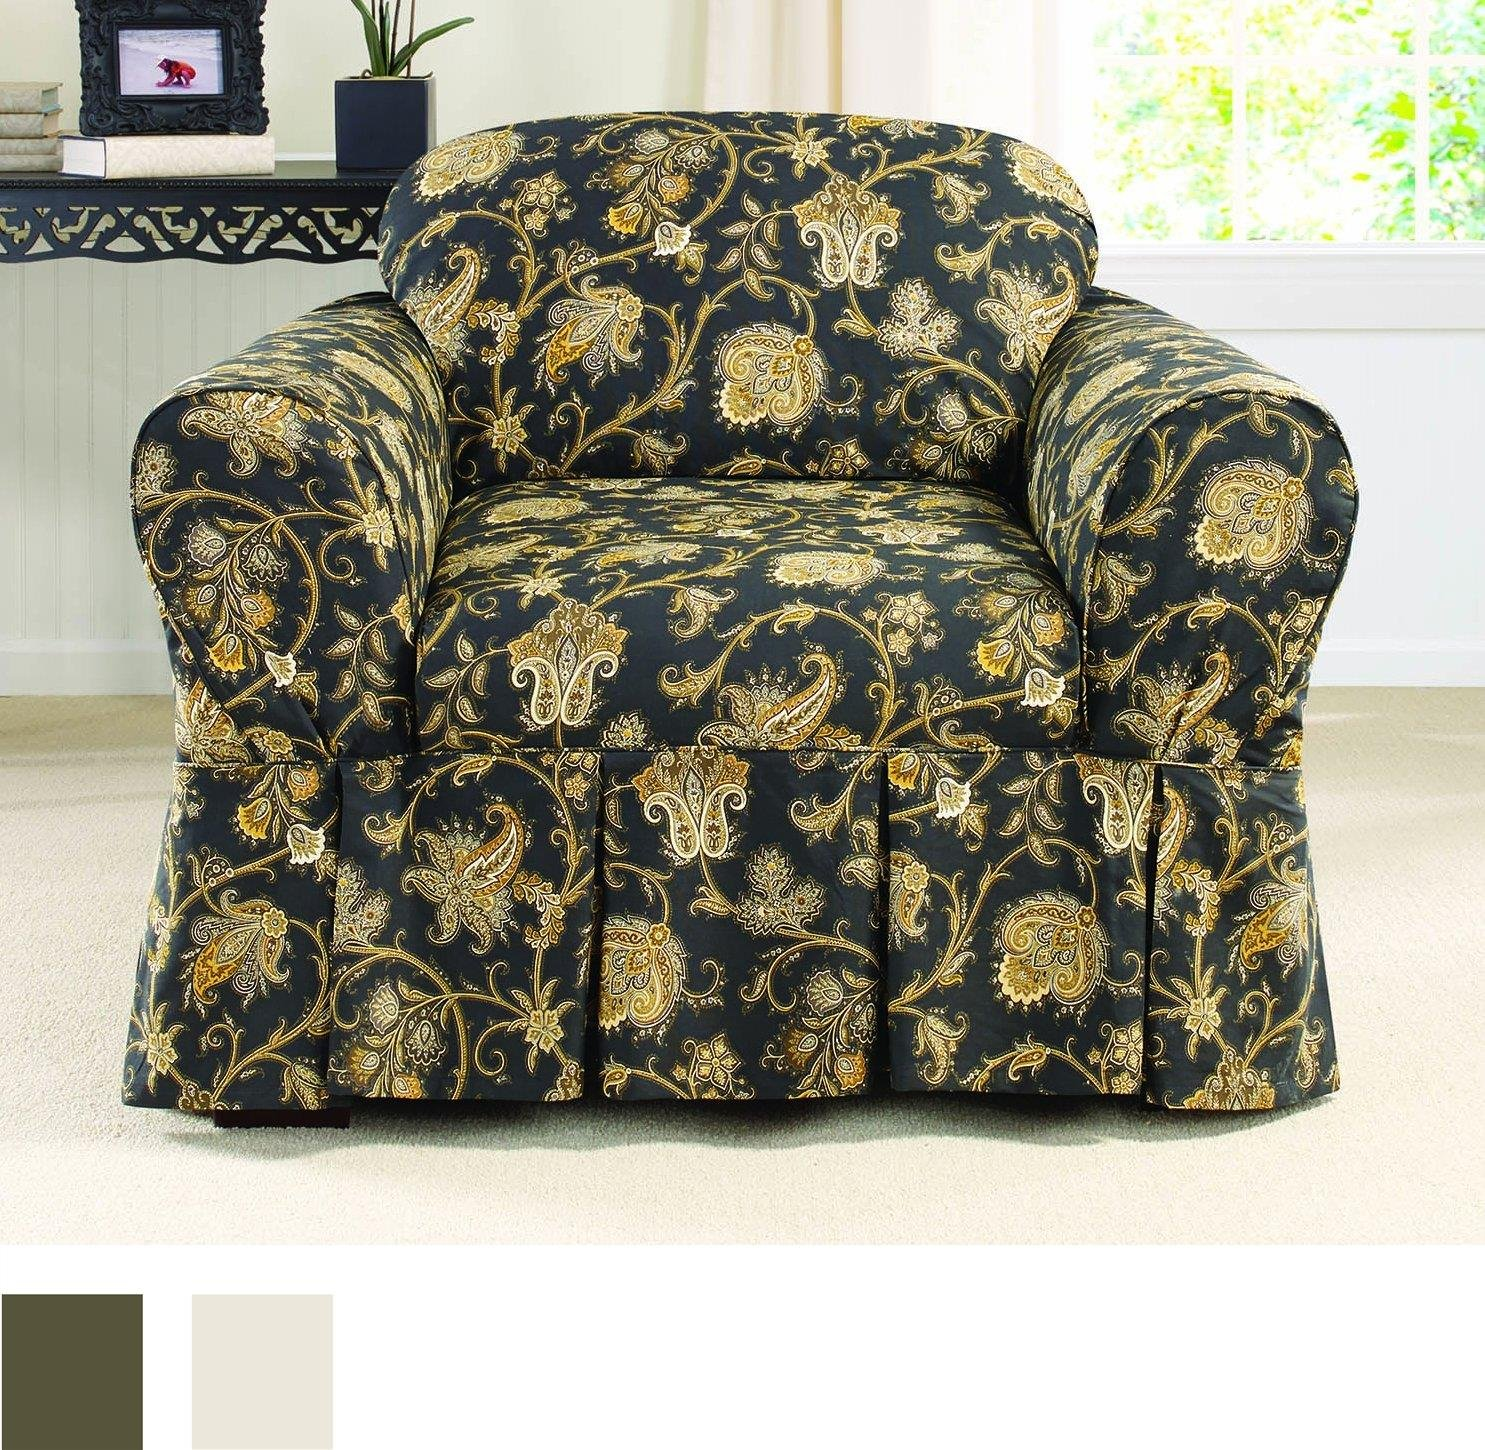 Amazon Sure Fit Tennyson 1 Piece Sofa Slipcover Topaz